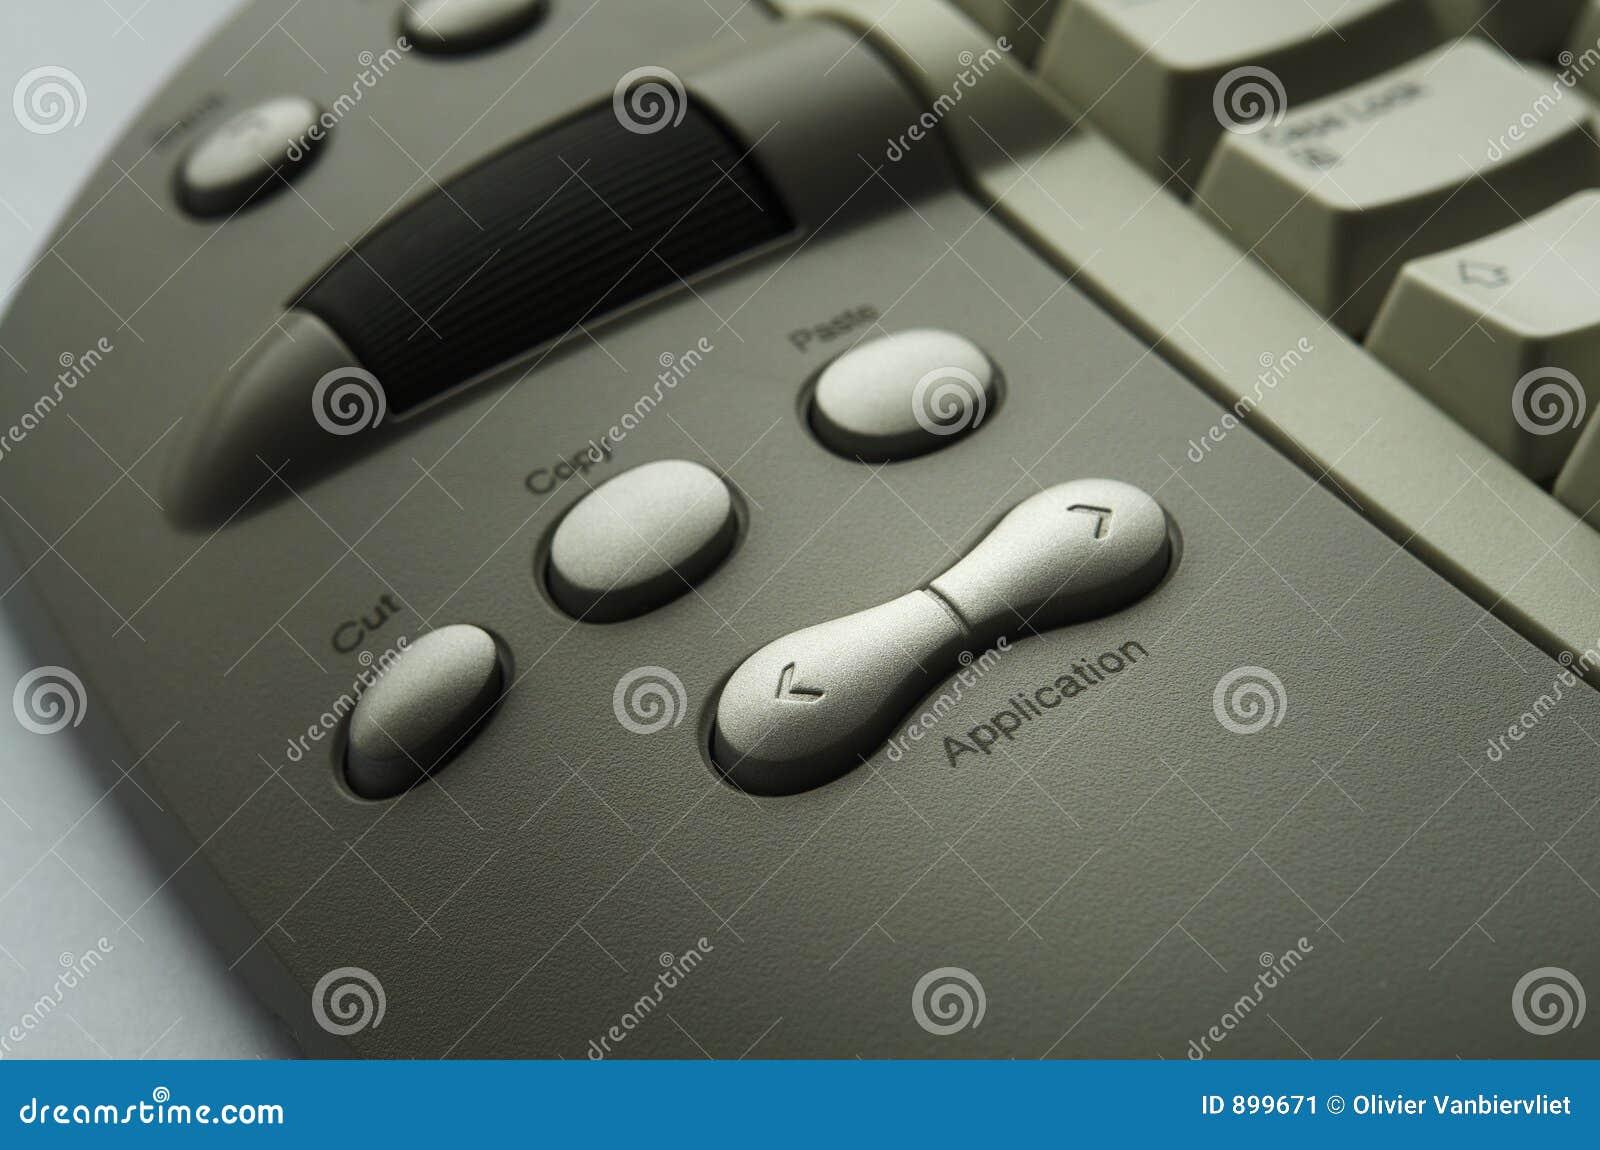 Zapnij klawiaturowego urzędu